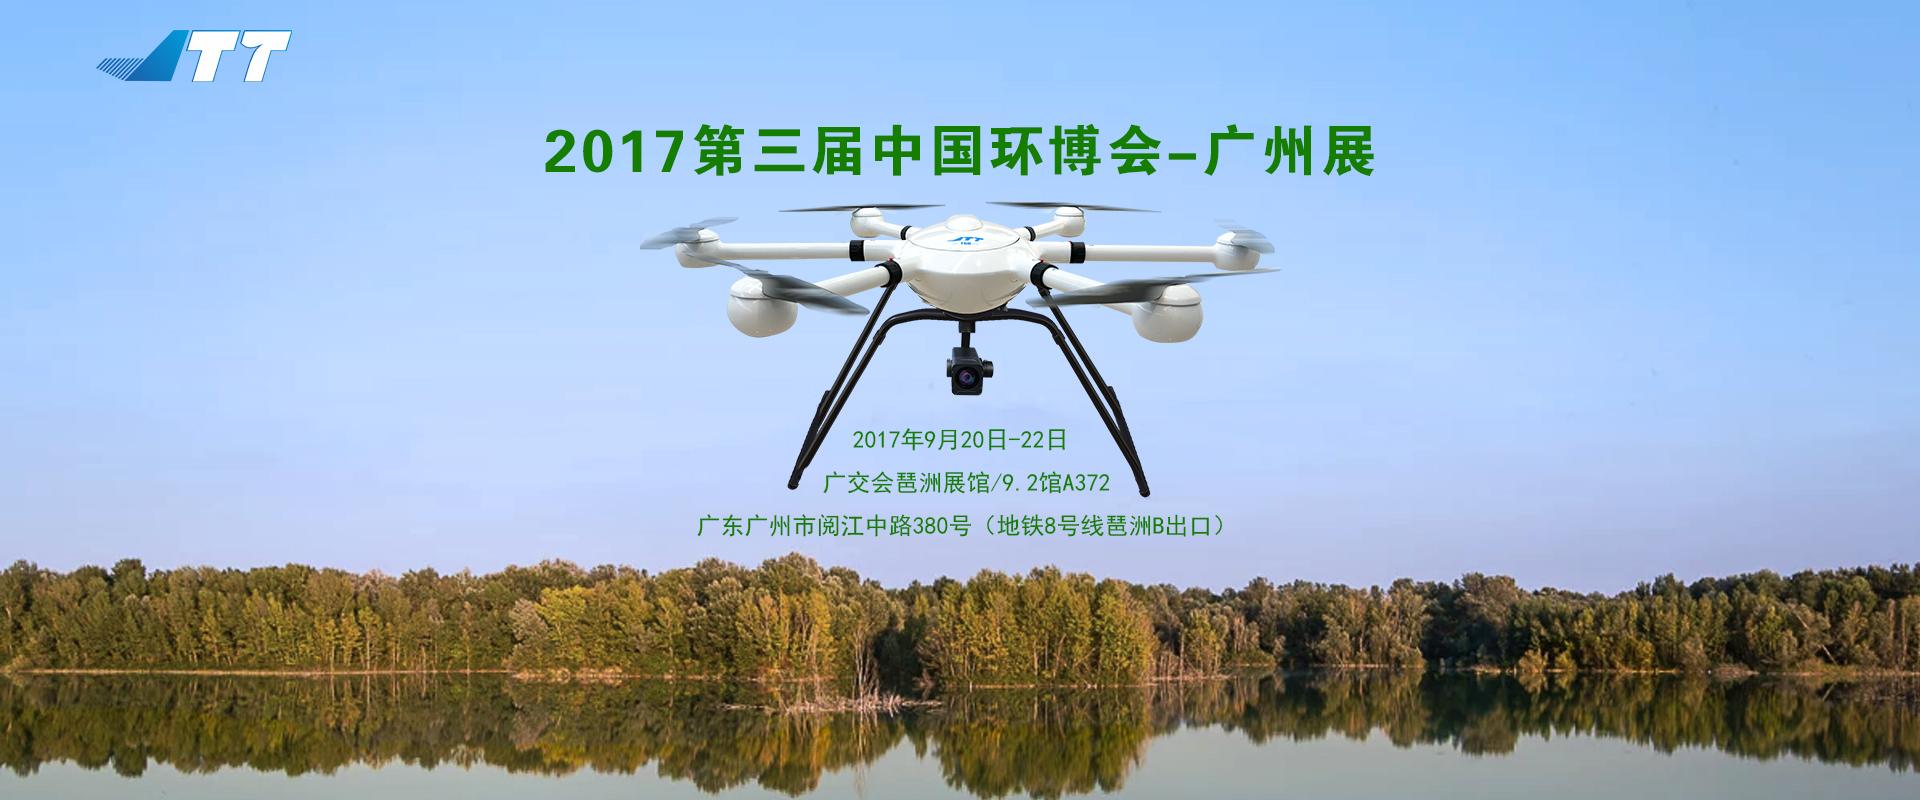 JTT携工业级无人机亮相环博会